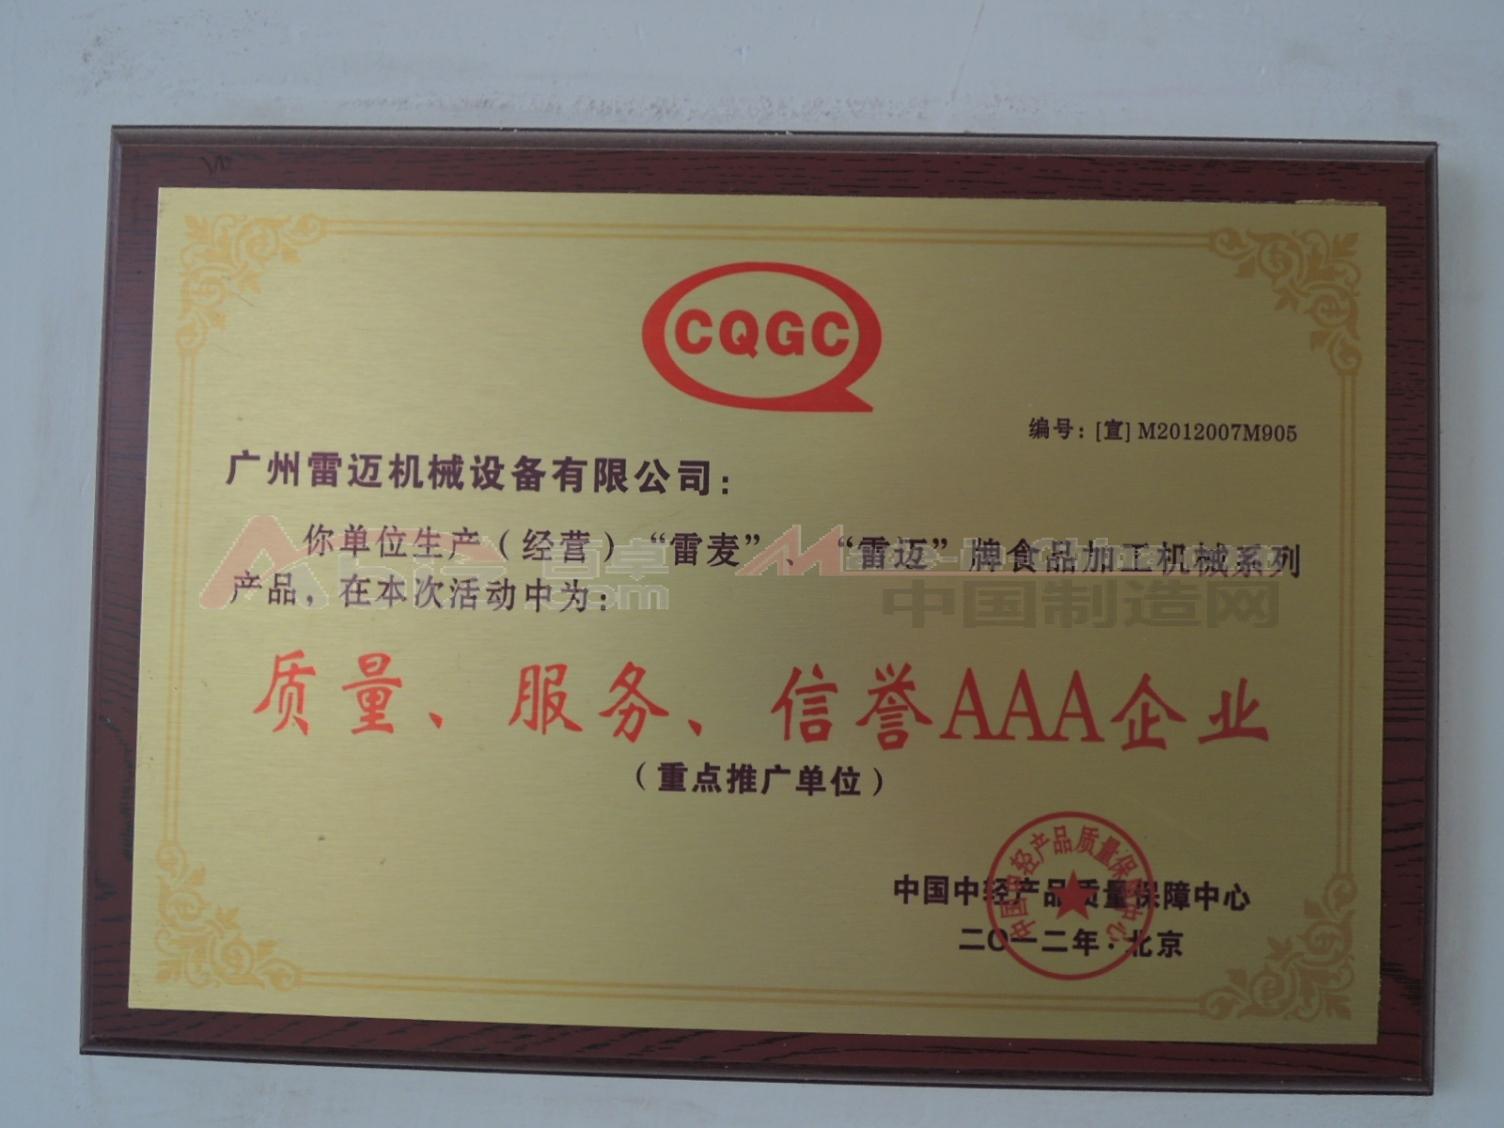 质量、服务、信誉三A荣誉证书